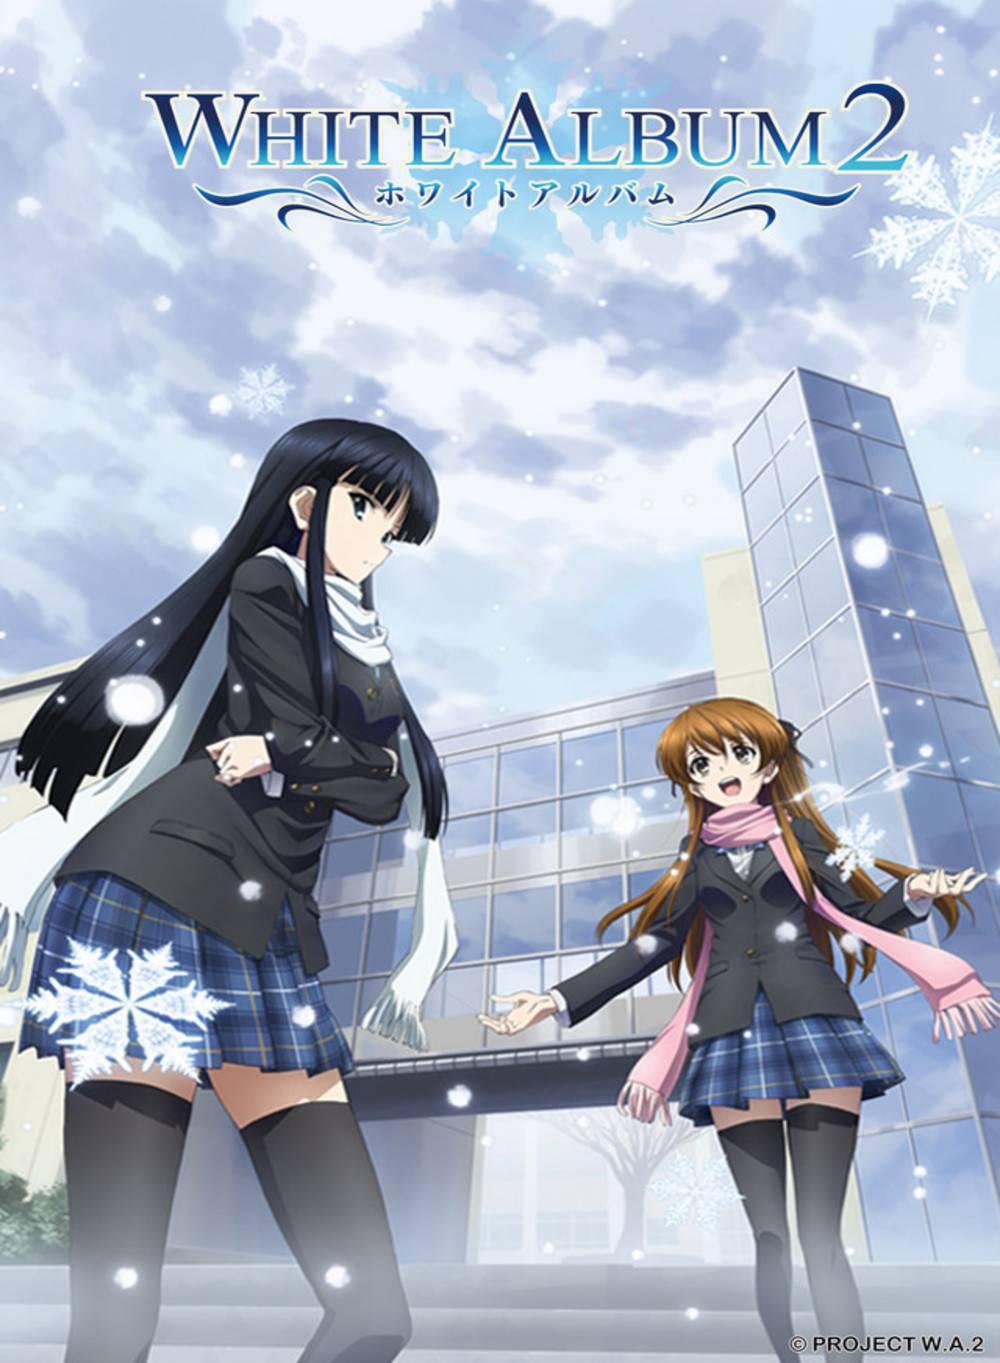 White Album 2 - recenzja anime - rascal.pl